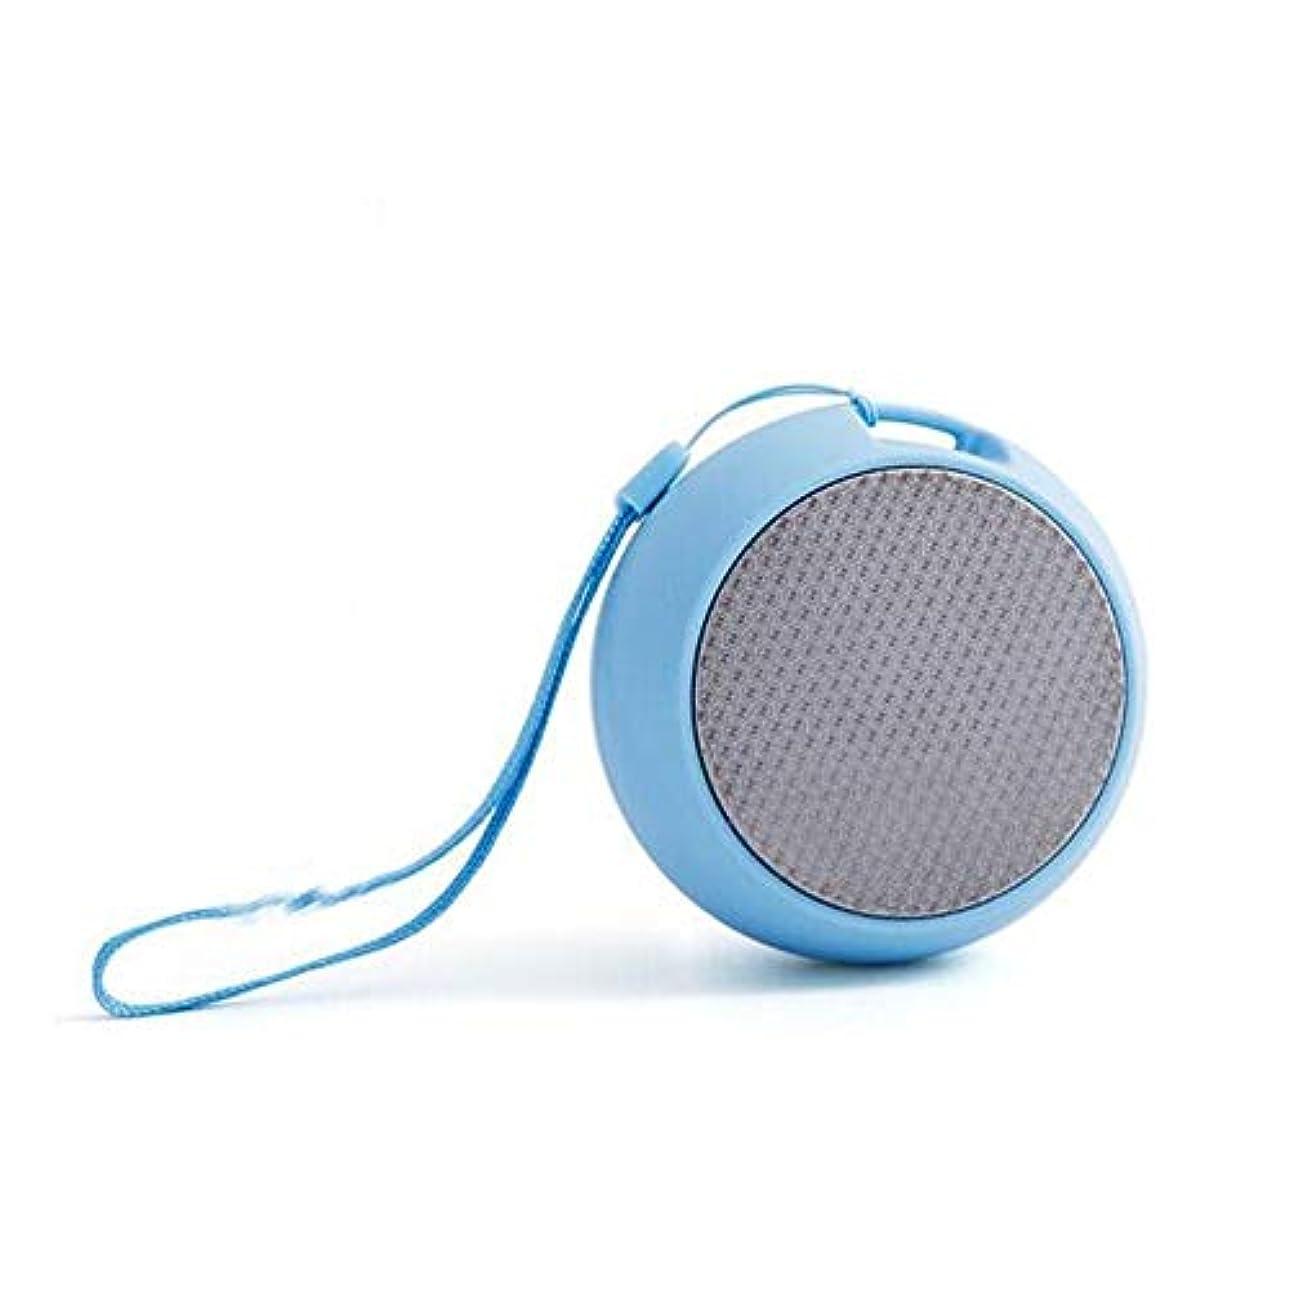 泣き叫ぶ試験三角Kaiyitong フット研削盤フットストーンフットボードソールの修復テンダーフットツール、ブルーストラップ ,軽量 (Color : Blue, Size : 8.3*3.8cm)